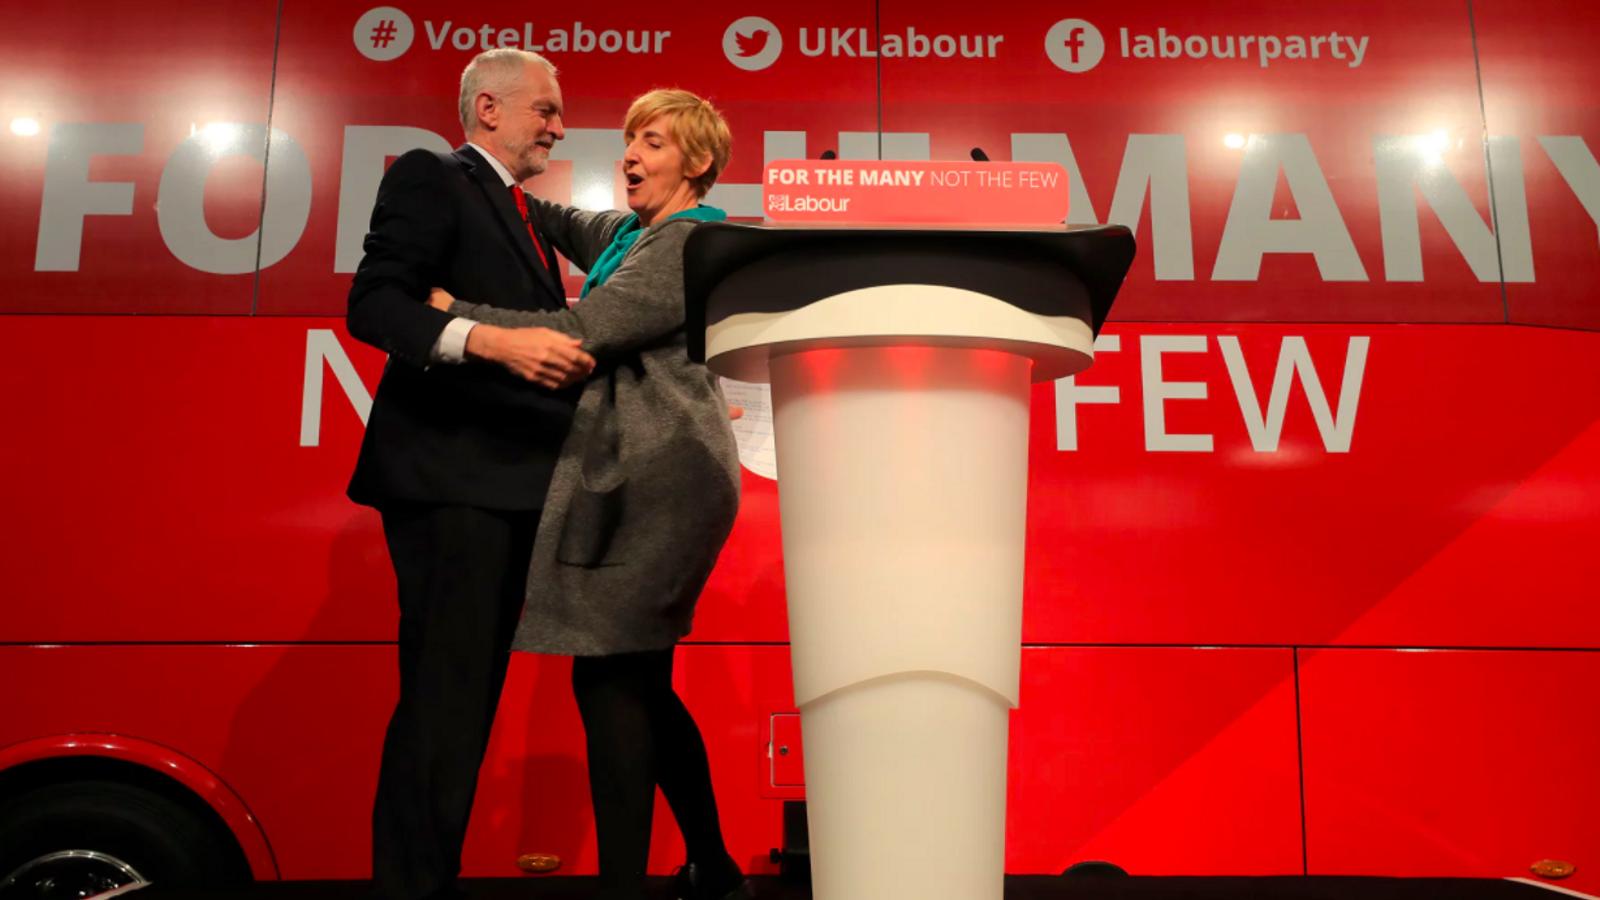 Corbyn Diu Que S El Moment De Passar Comptes Amb Els